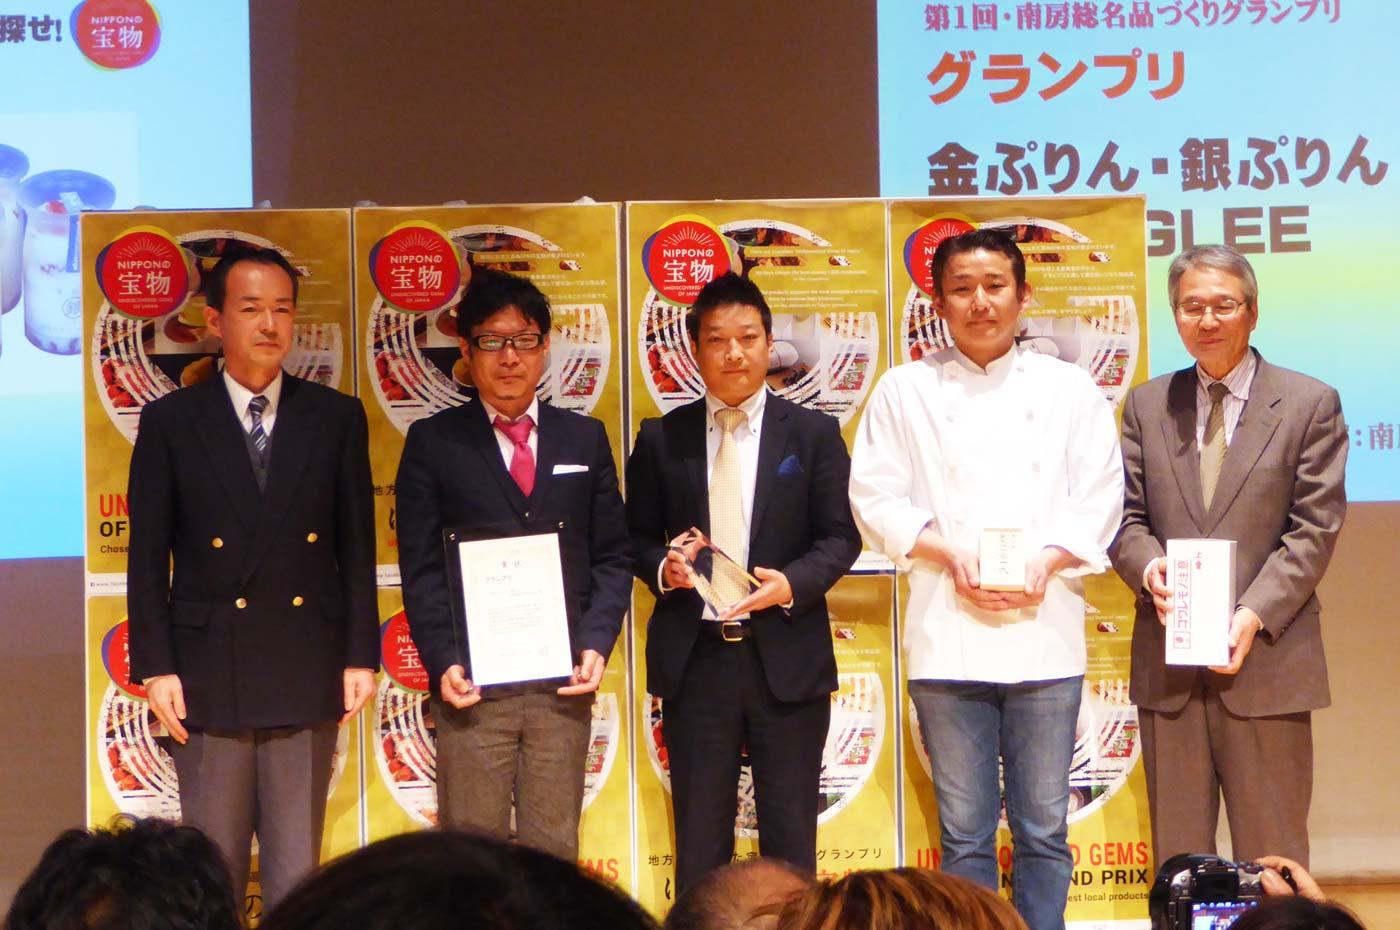 グランプリ(金プリン・銀プリン)の表彰式